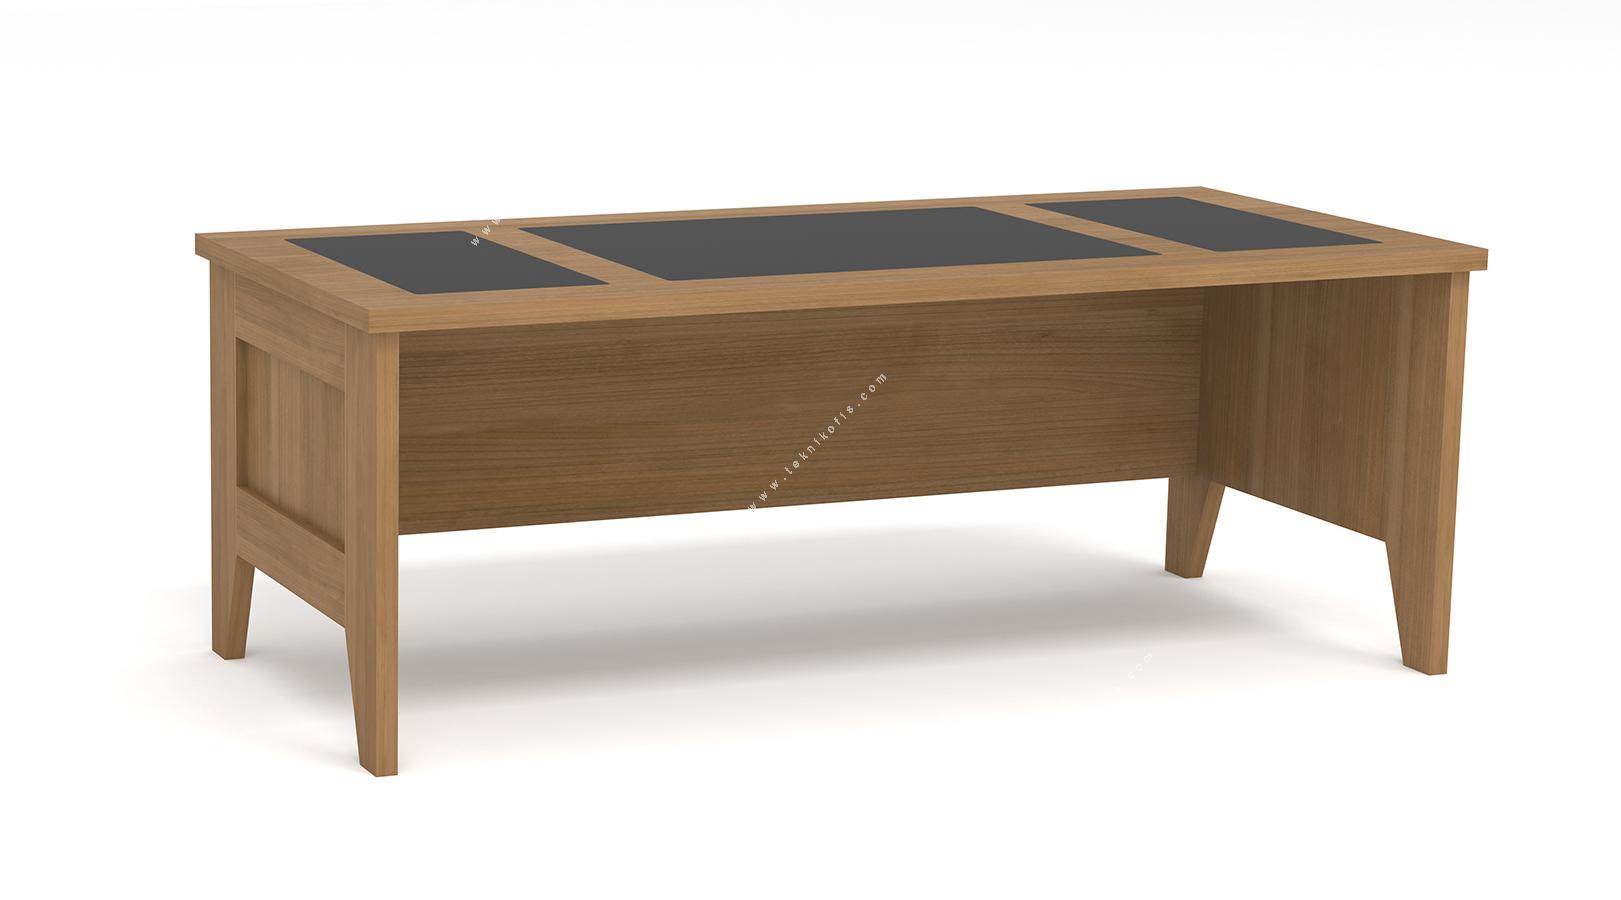 nevrada yönetici masası 180cm